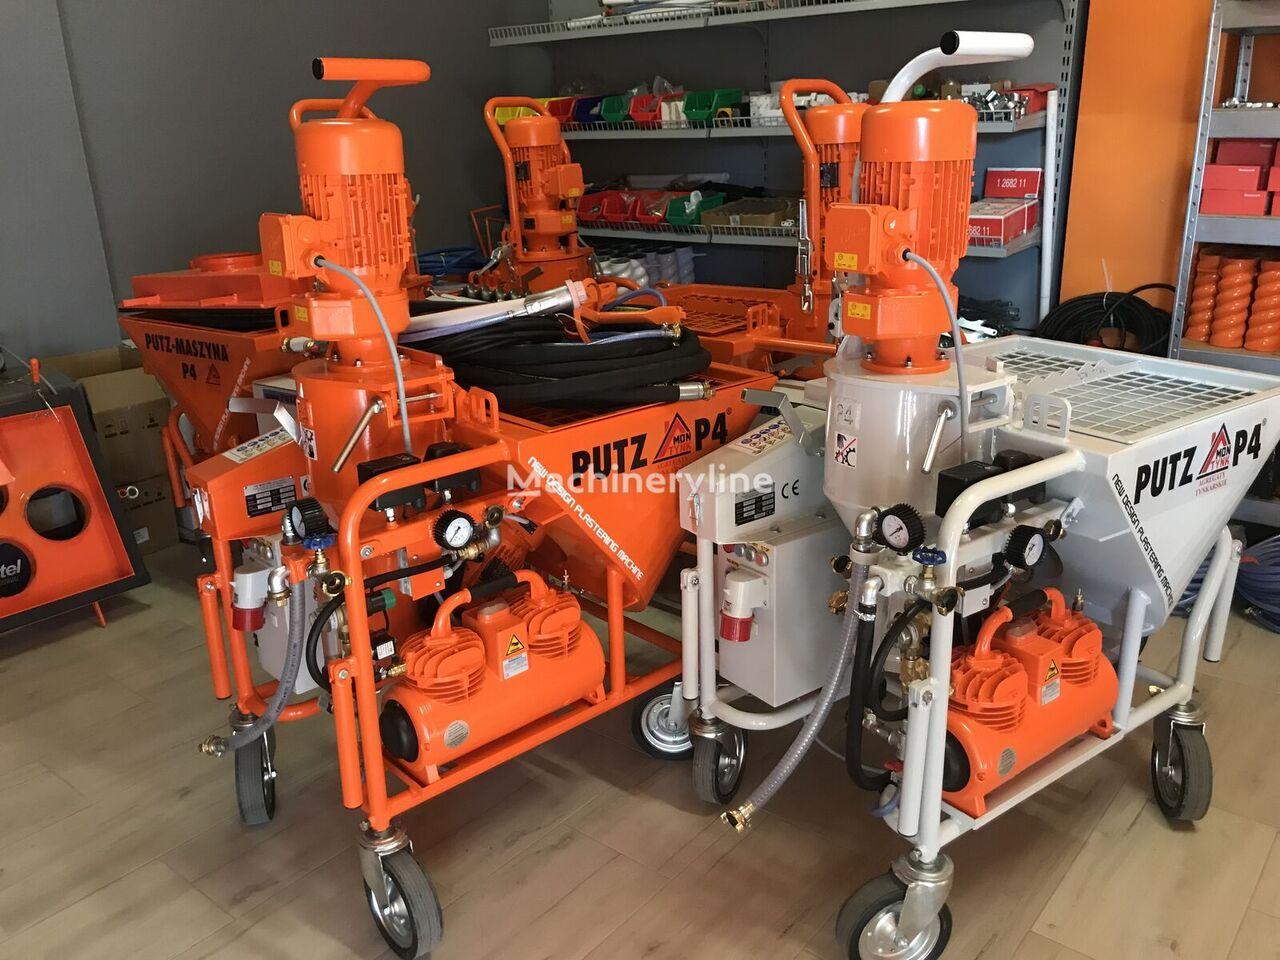 nowy maszyny tynkarskie Agregat tynkarski ,Putzmaschine P4 ,vakológép ,strojova omietack